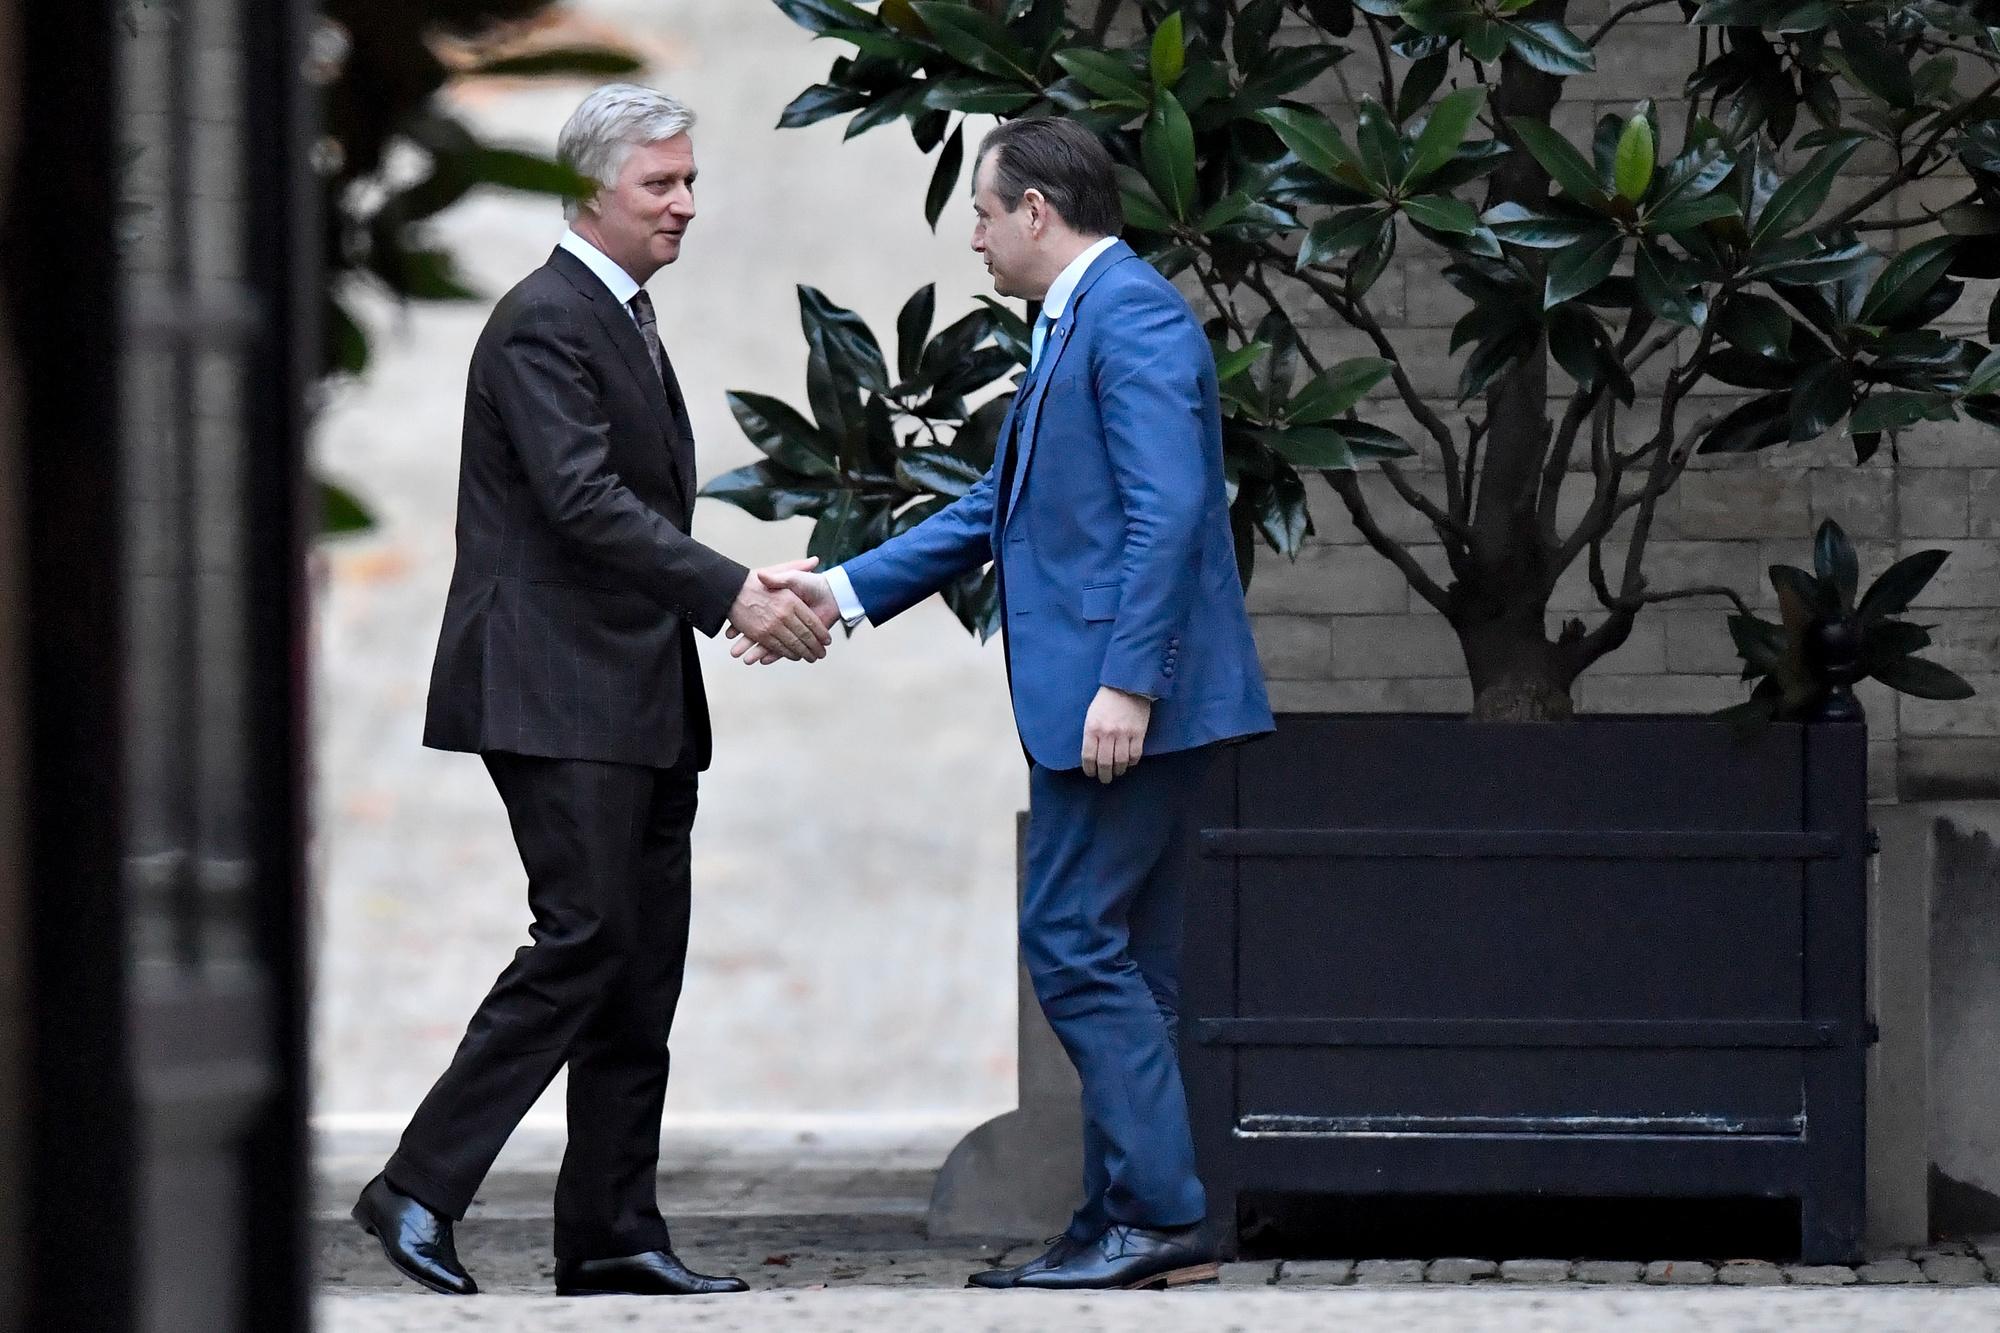 Le président de la NV-A Bart De Wever rencontre le roi Philippe le 10 décembre 2019. , belga